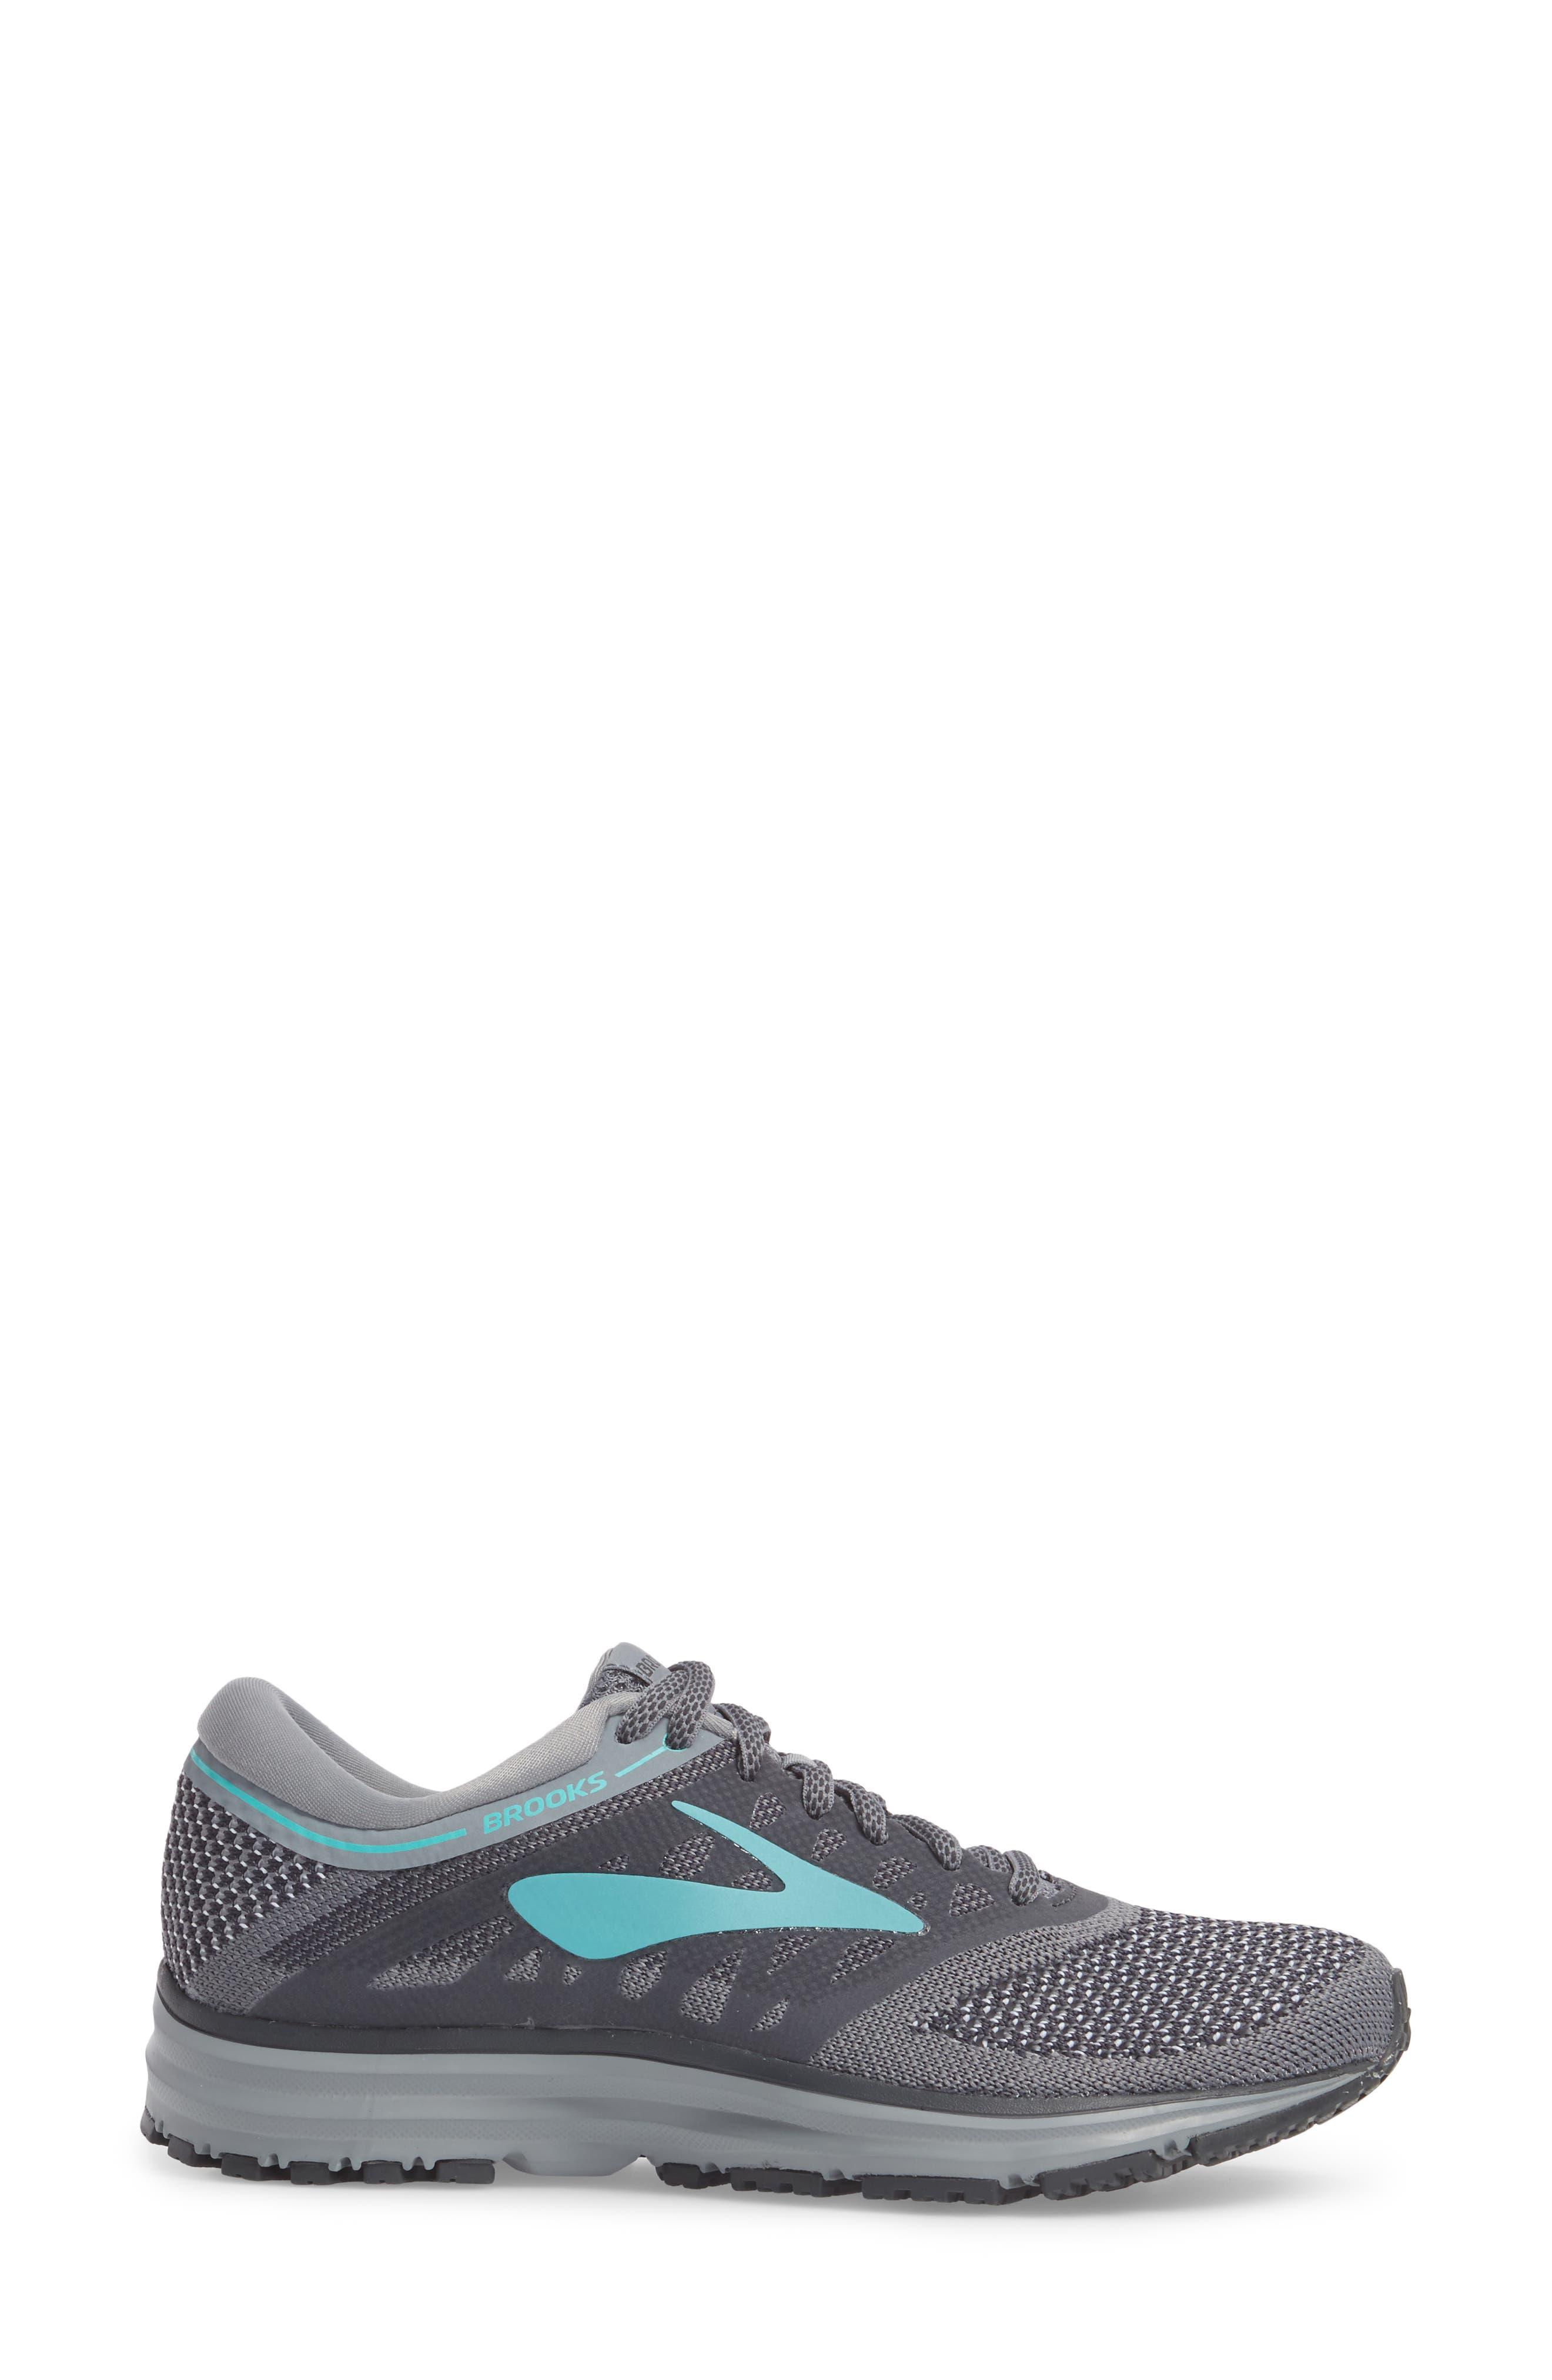 Revel Running Shoe,                             Alternate thumbnail 3, color,                             037